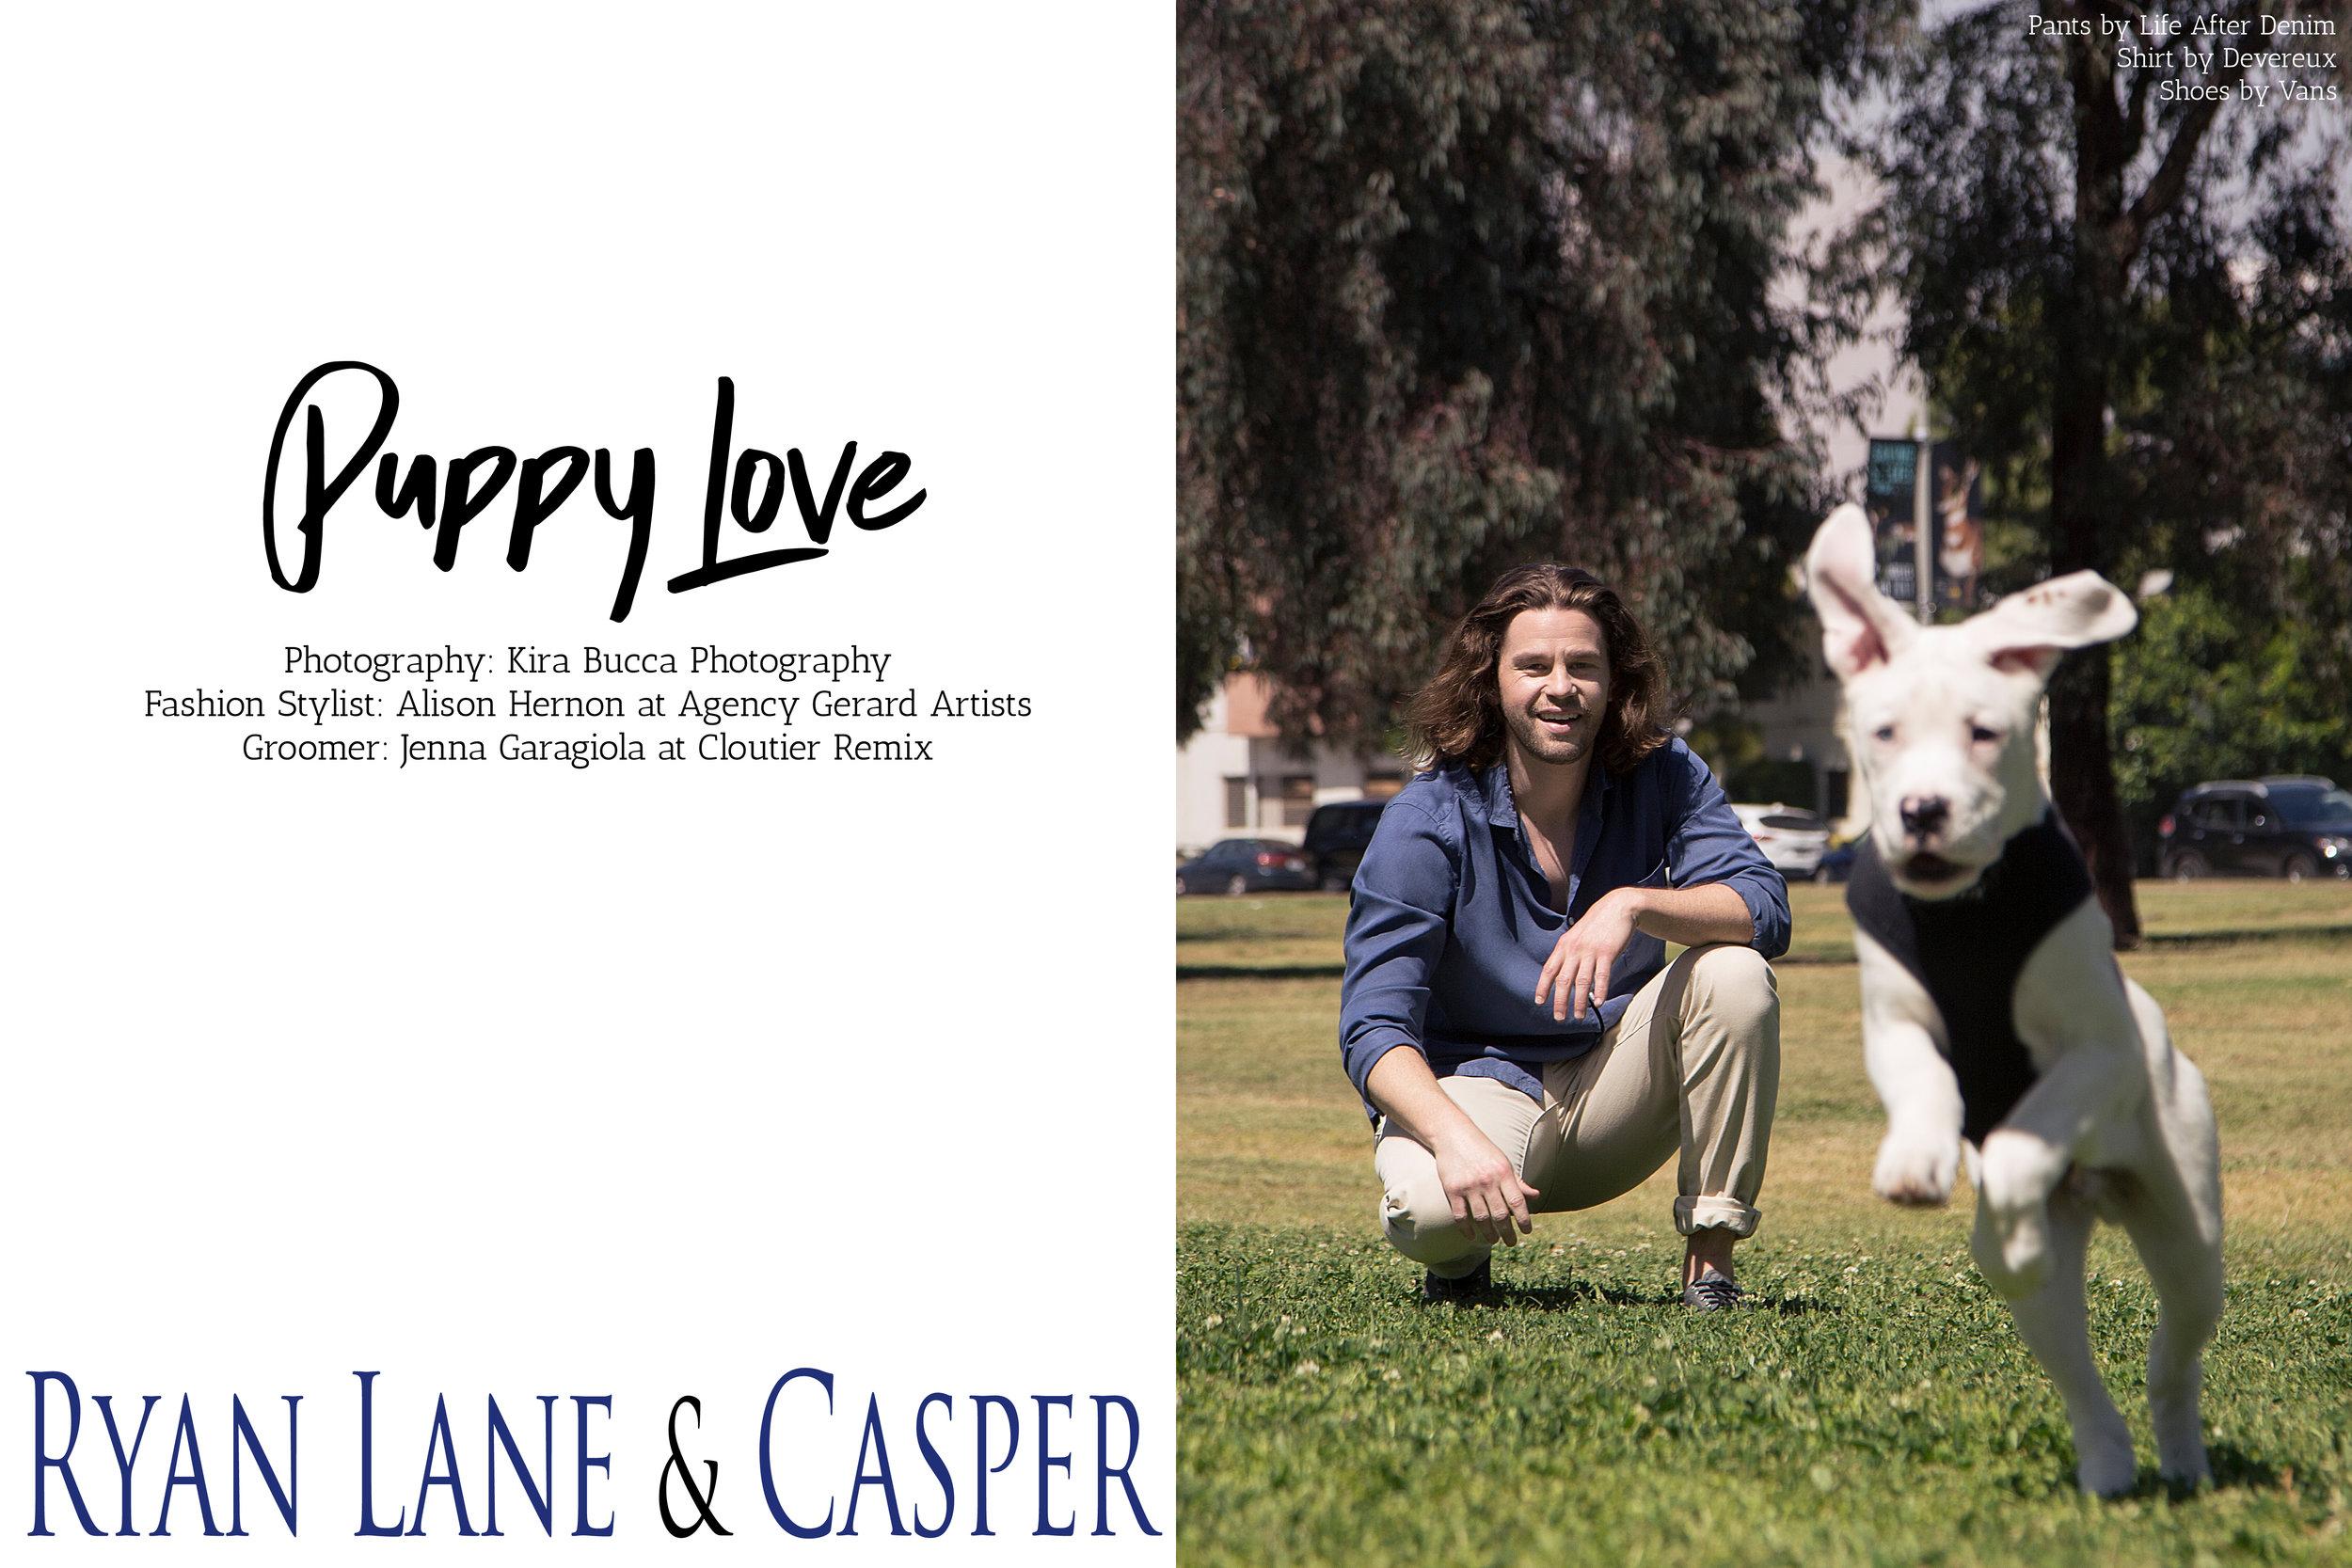 RyanLane&CasperOpener2.jpg